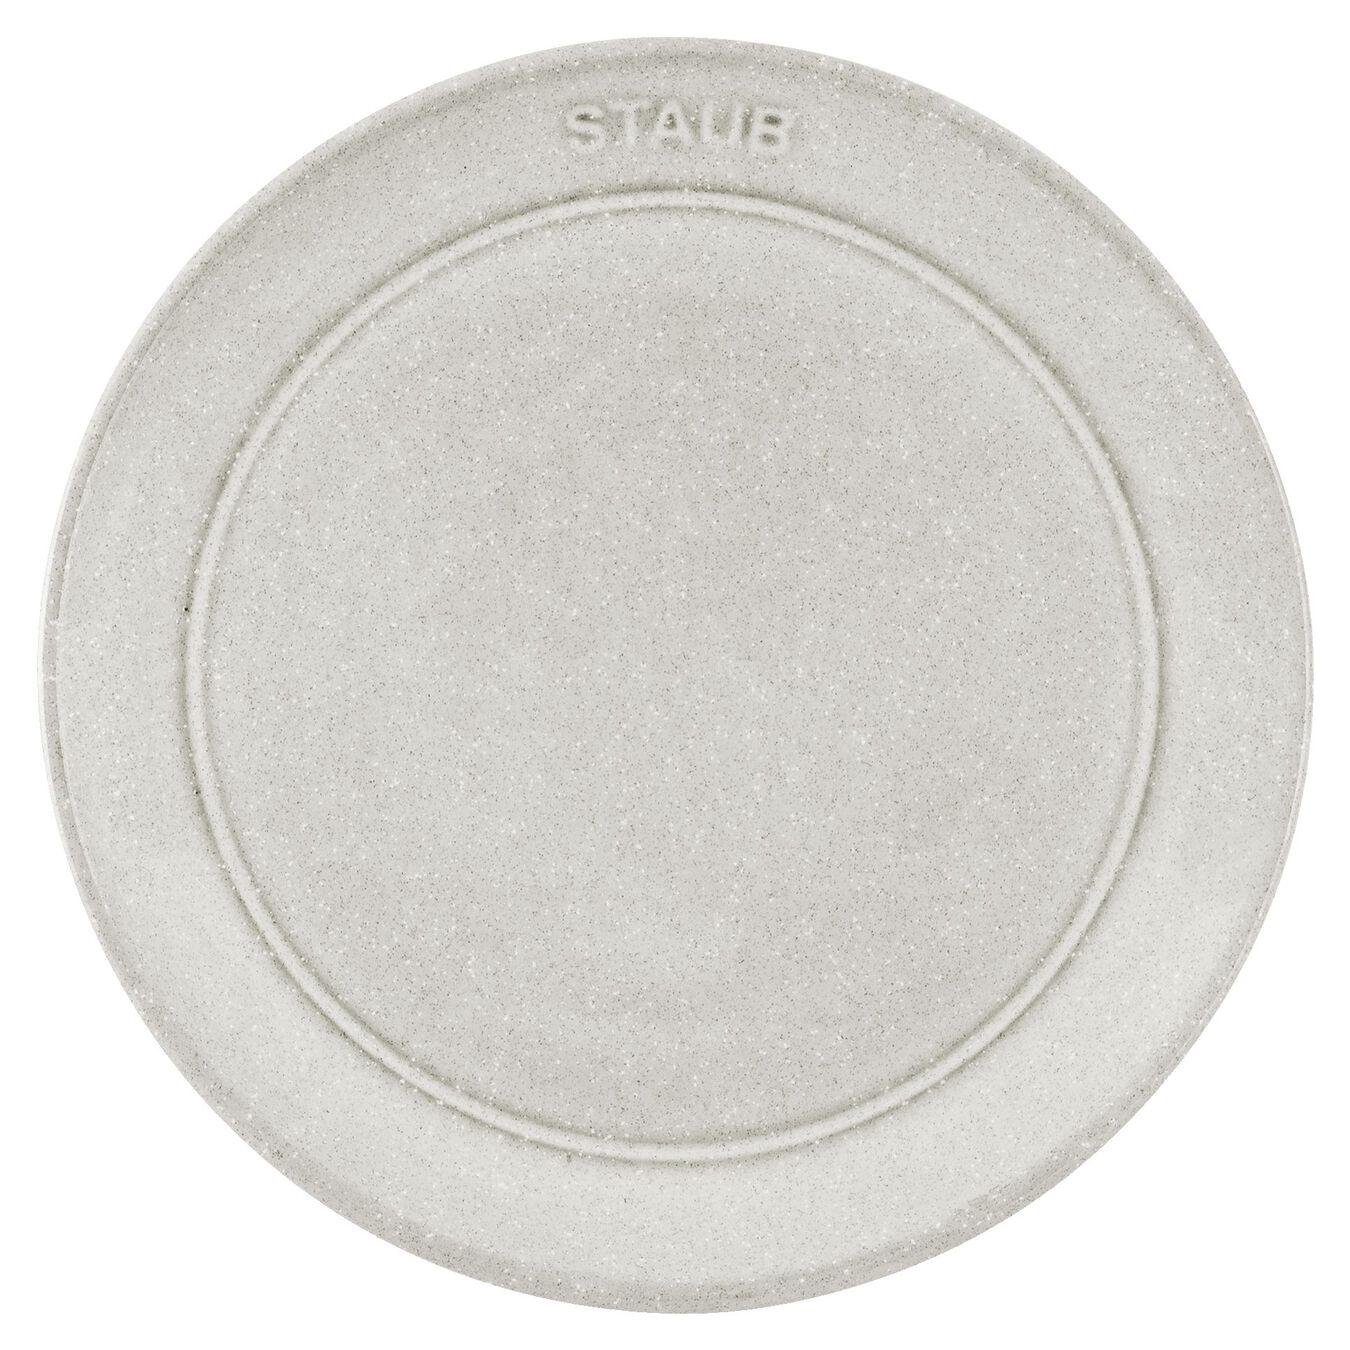 Assiette plat/plane 15 cm,,large 2